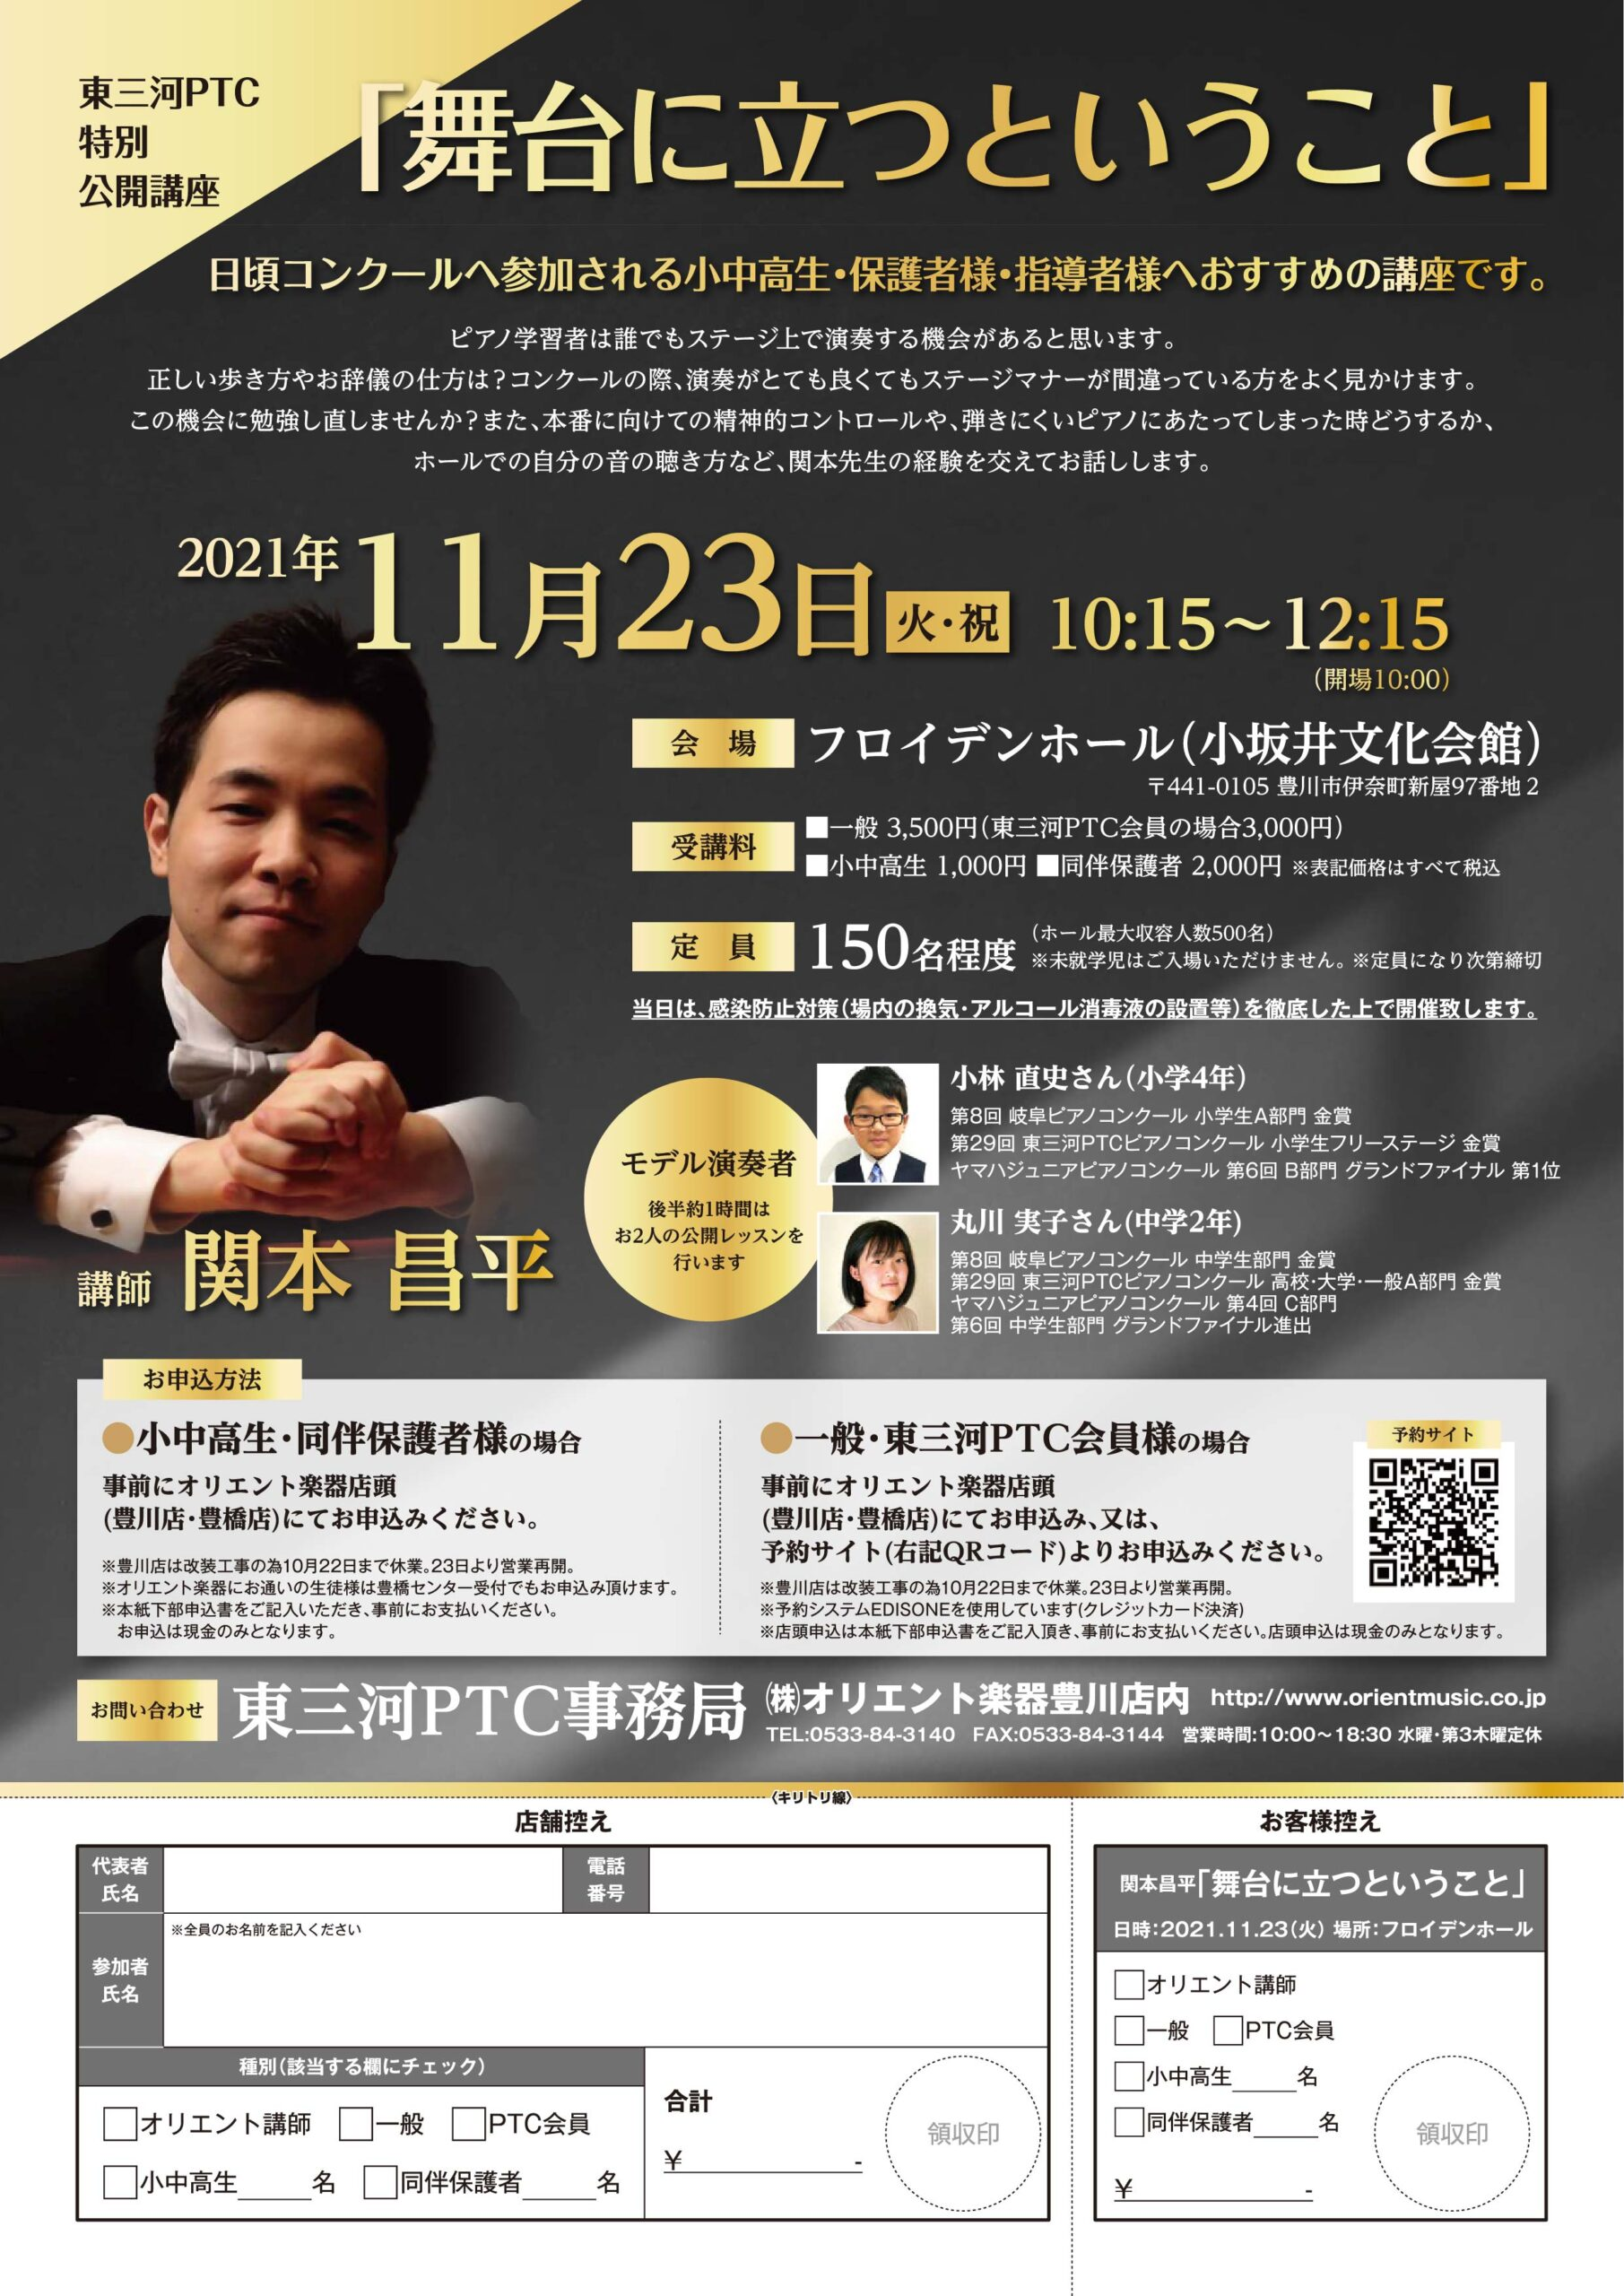 東三河PTC特別公開講座 関本昌平先生『舞台に立つということ』 会場:フロイデンホール